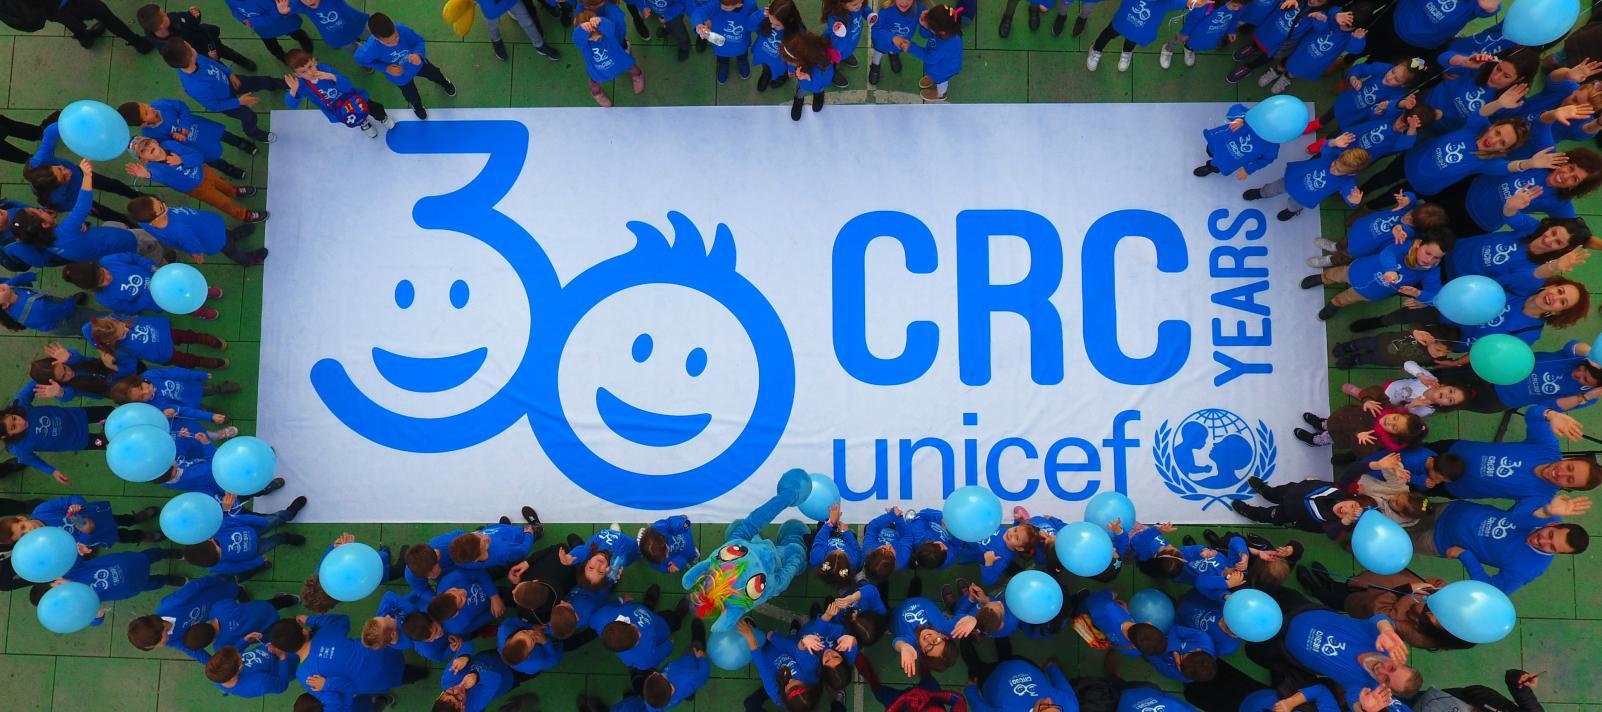 Jedni vežu djecu, drugi odbijaju da ih liječe. Sretan Međunarodni dan djeteta!